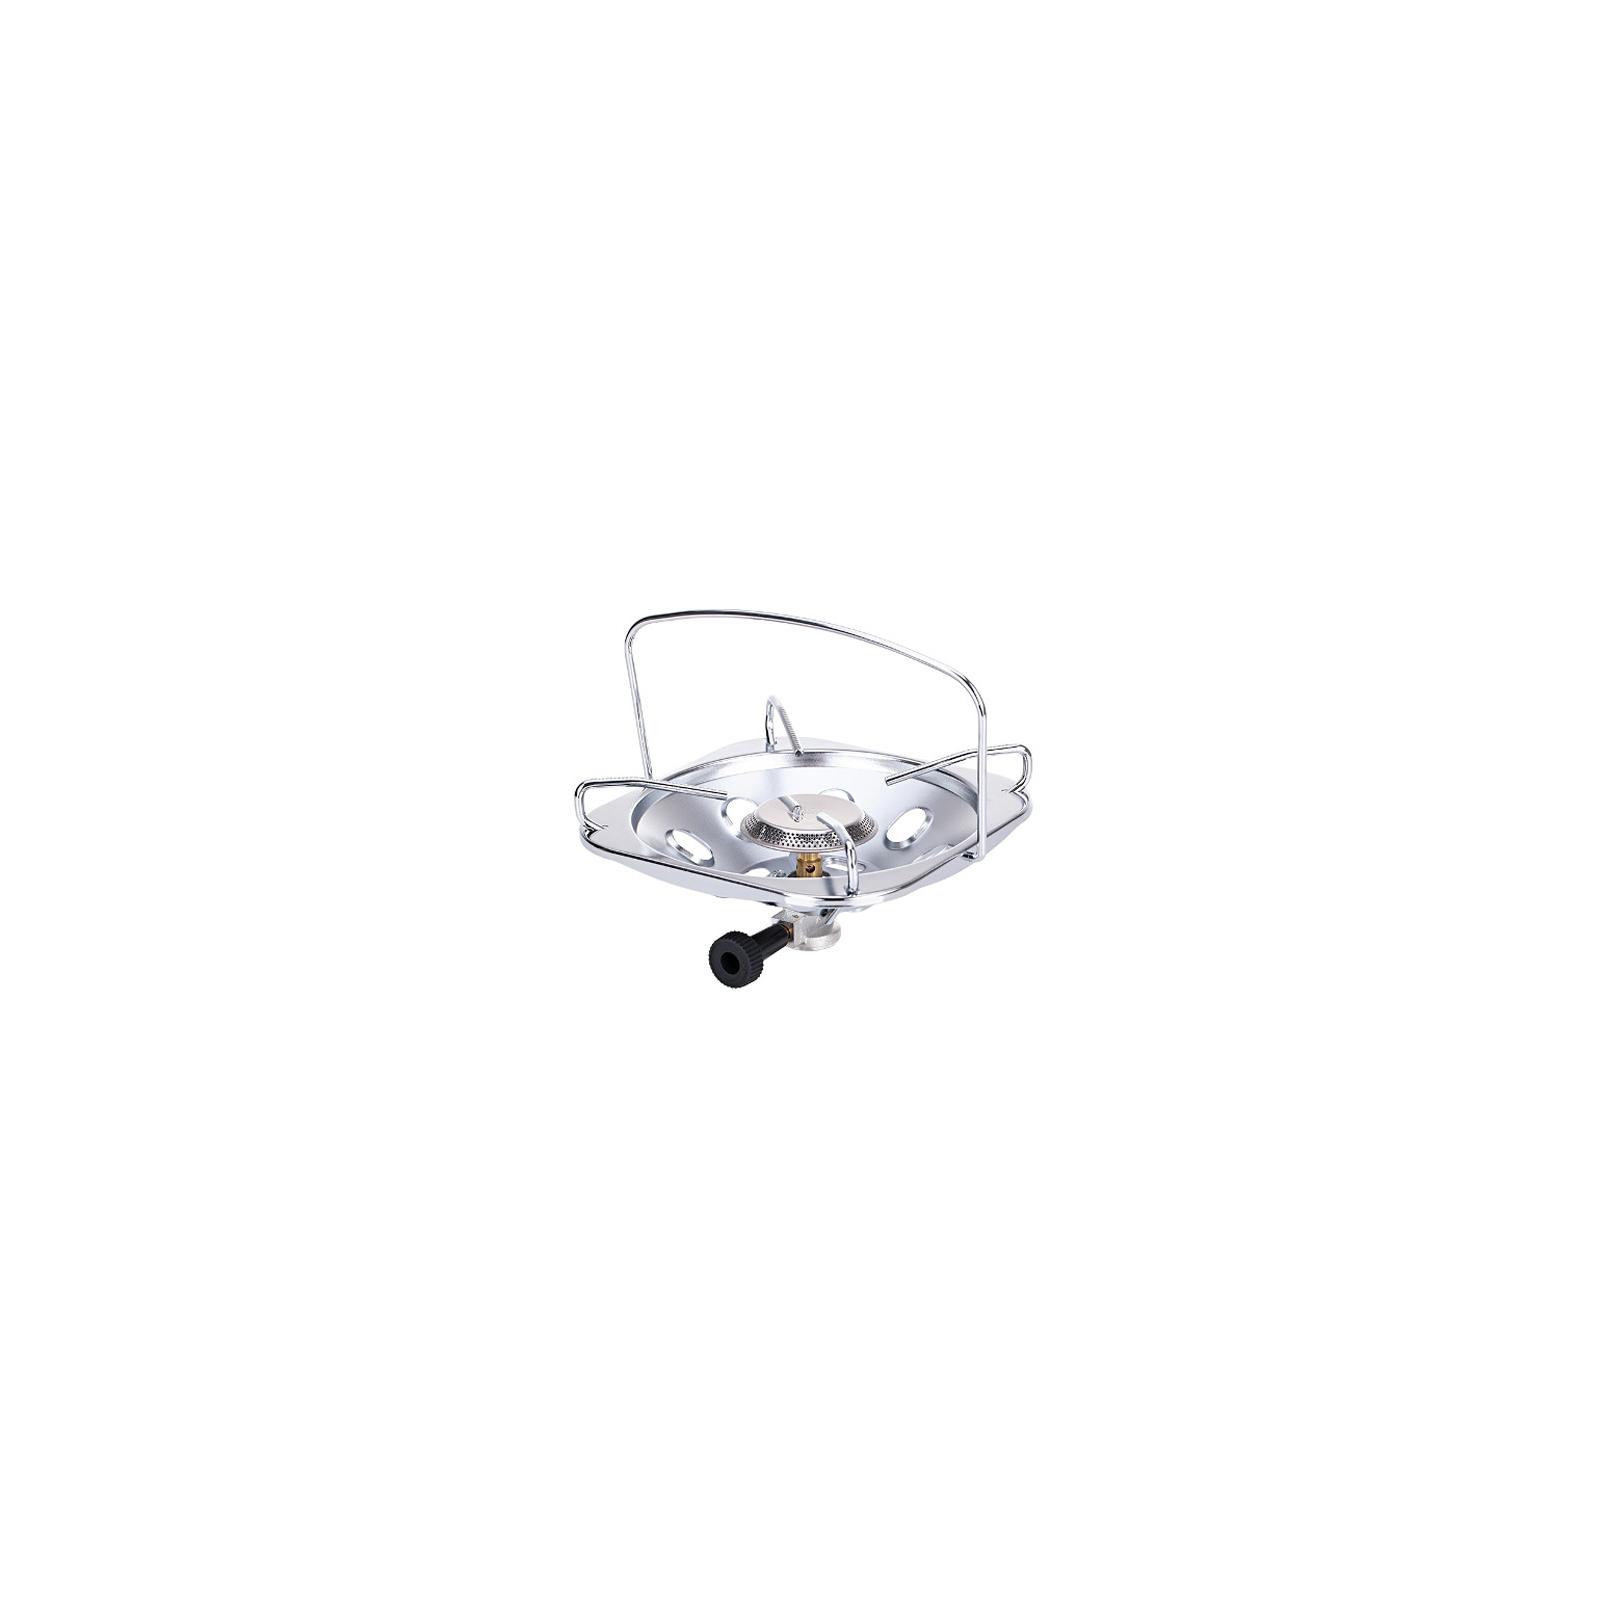 Газовая плитка Campingaz Super Carena Stove (4823082705566) изображение 2